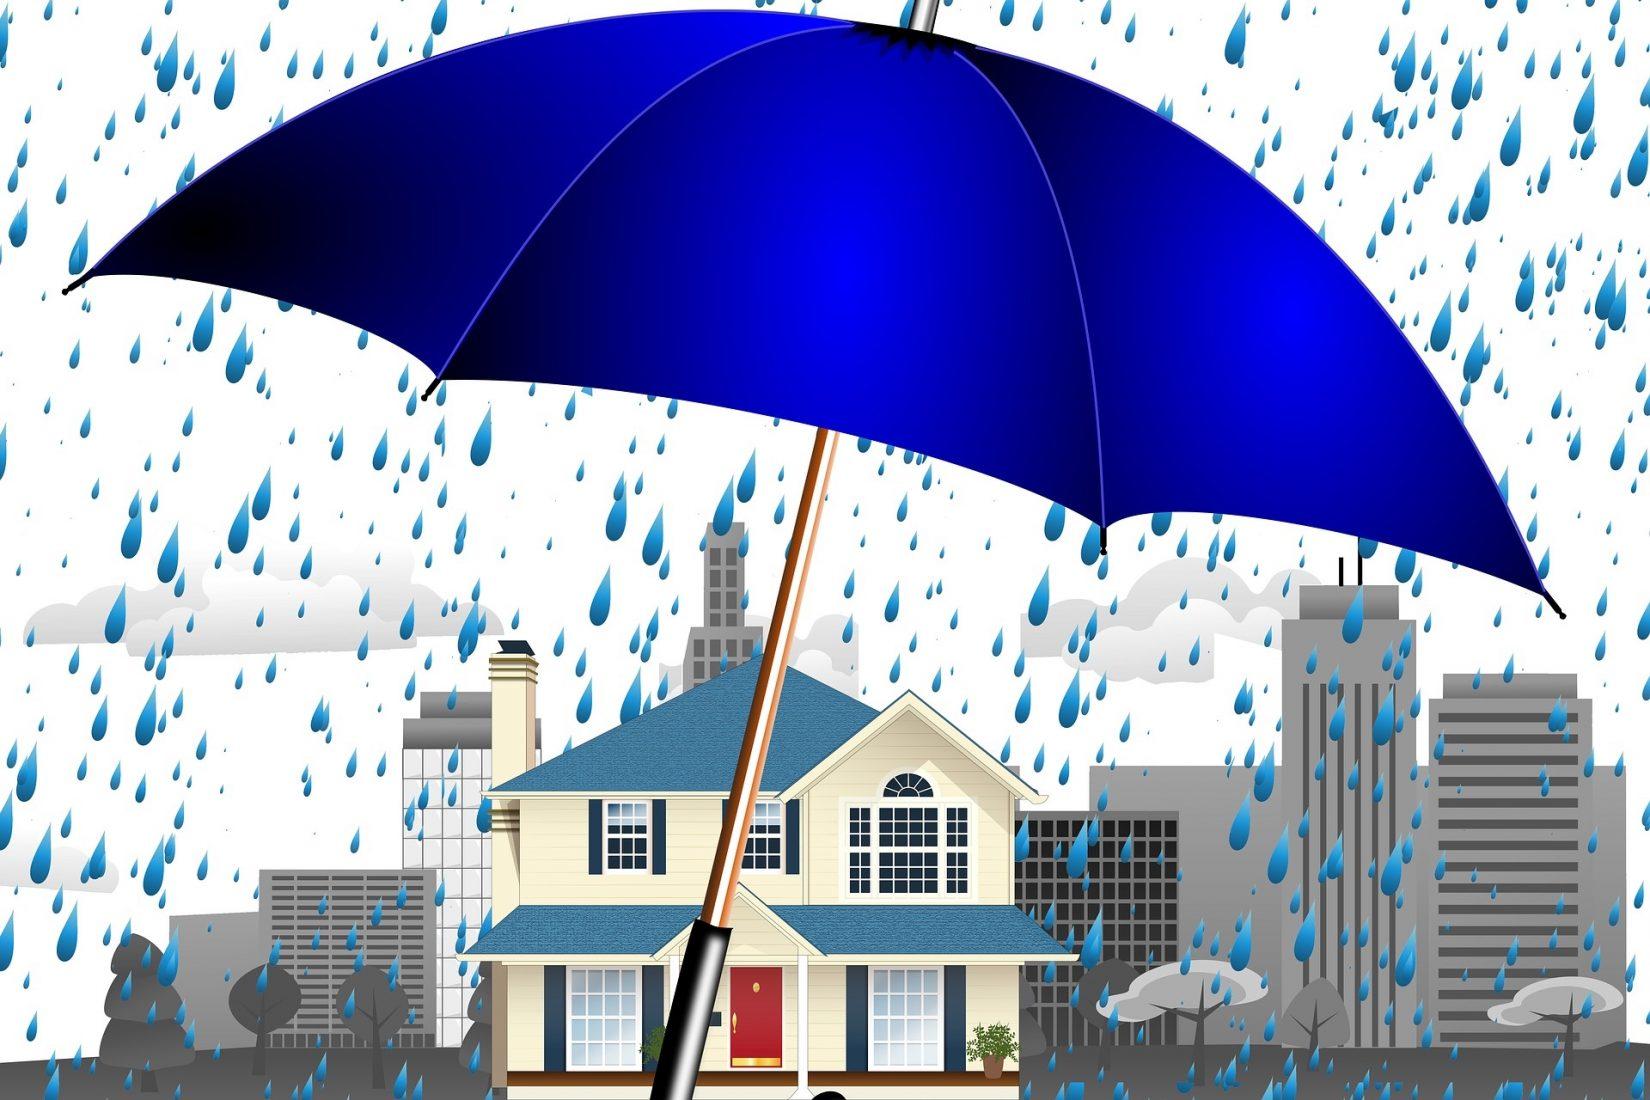 Hausbesitzer könnten ihre Immobilie besser gegen Starkregen schützen, doch es mangelt an Informationen und finanzieller Unterstützung. Foto: Pixabay